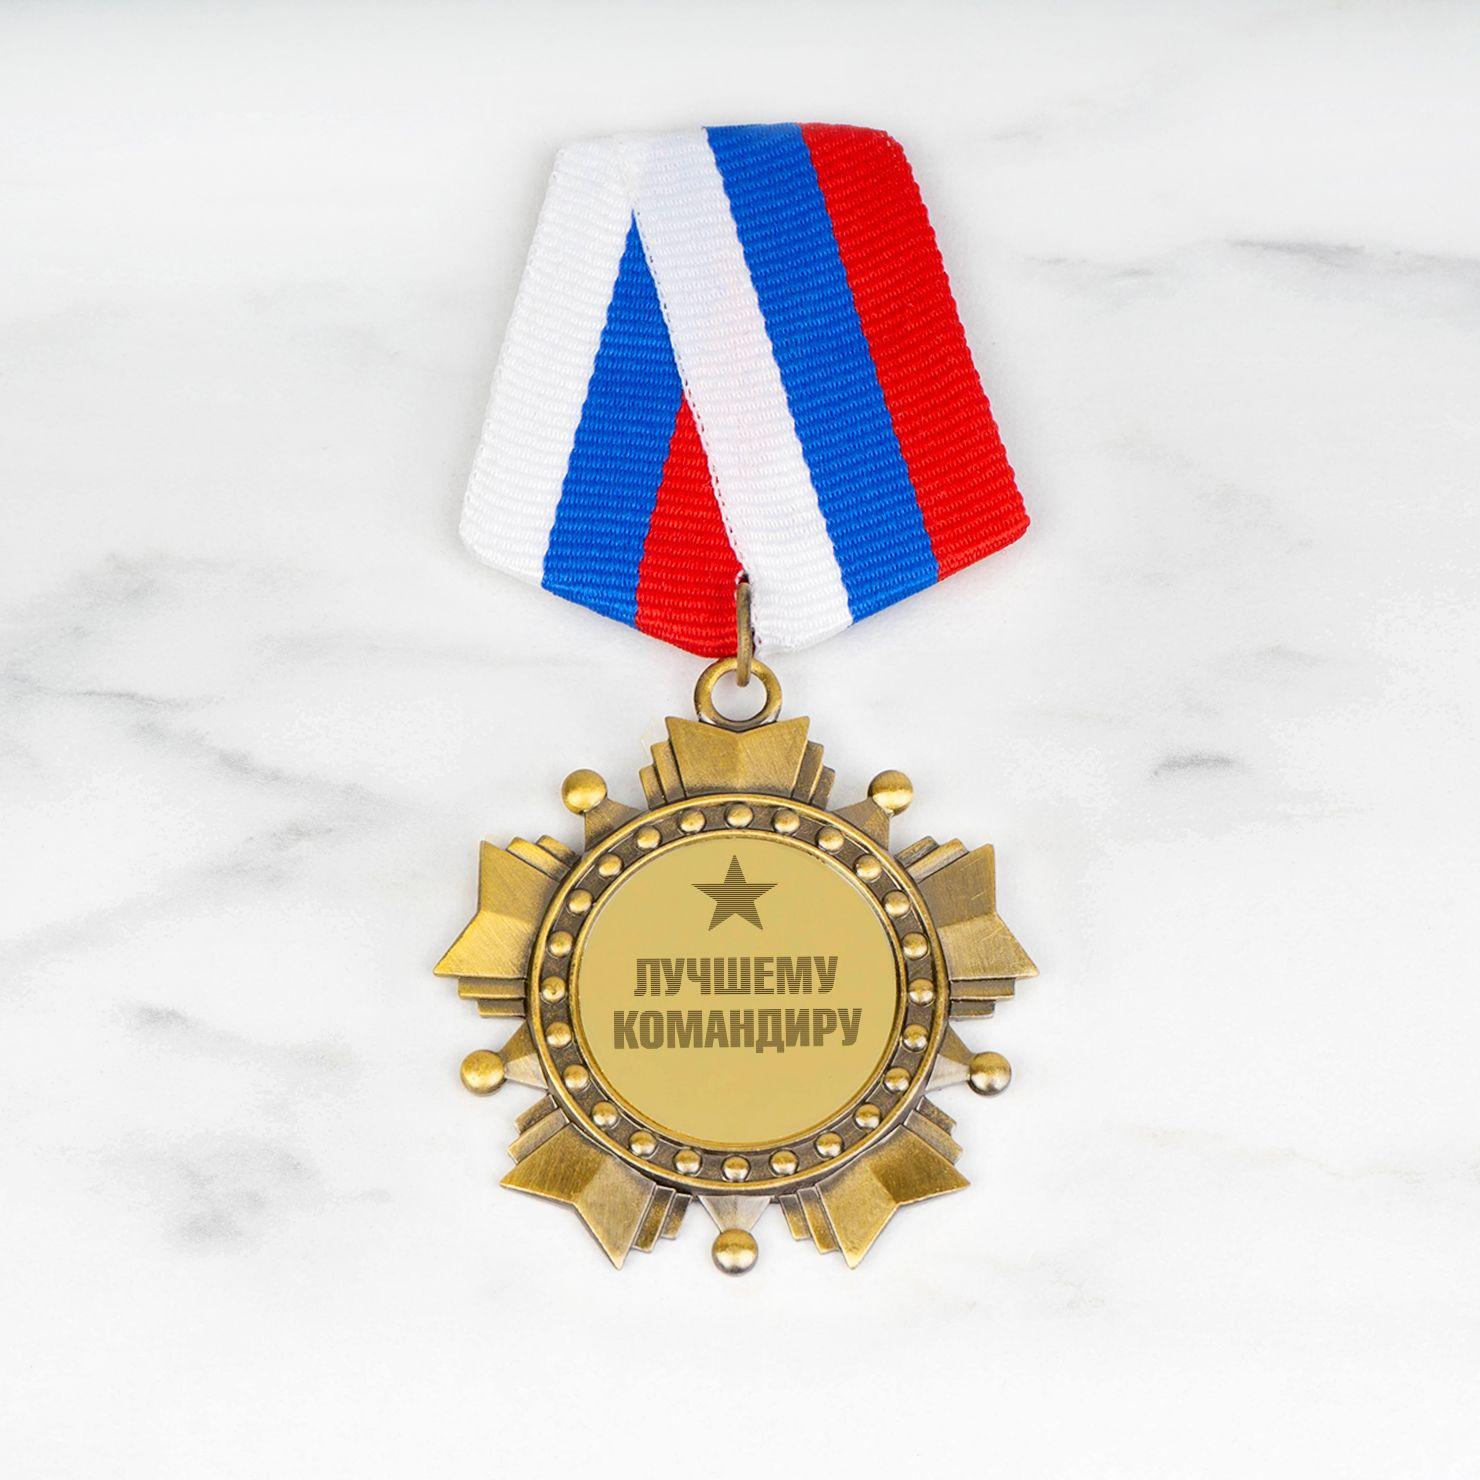 Орден *Лучшему командиру*